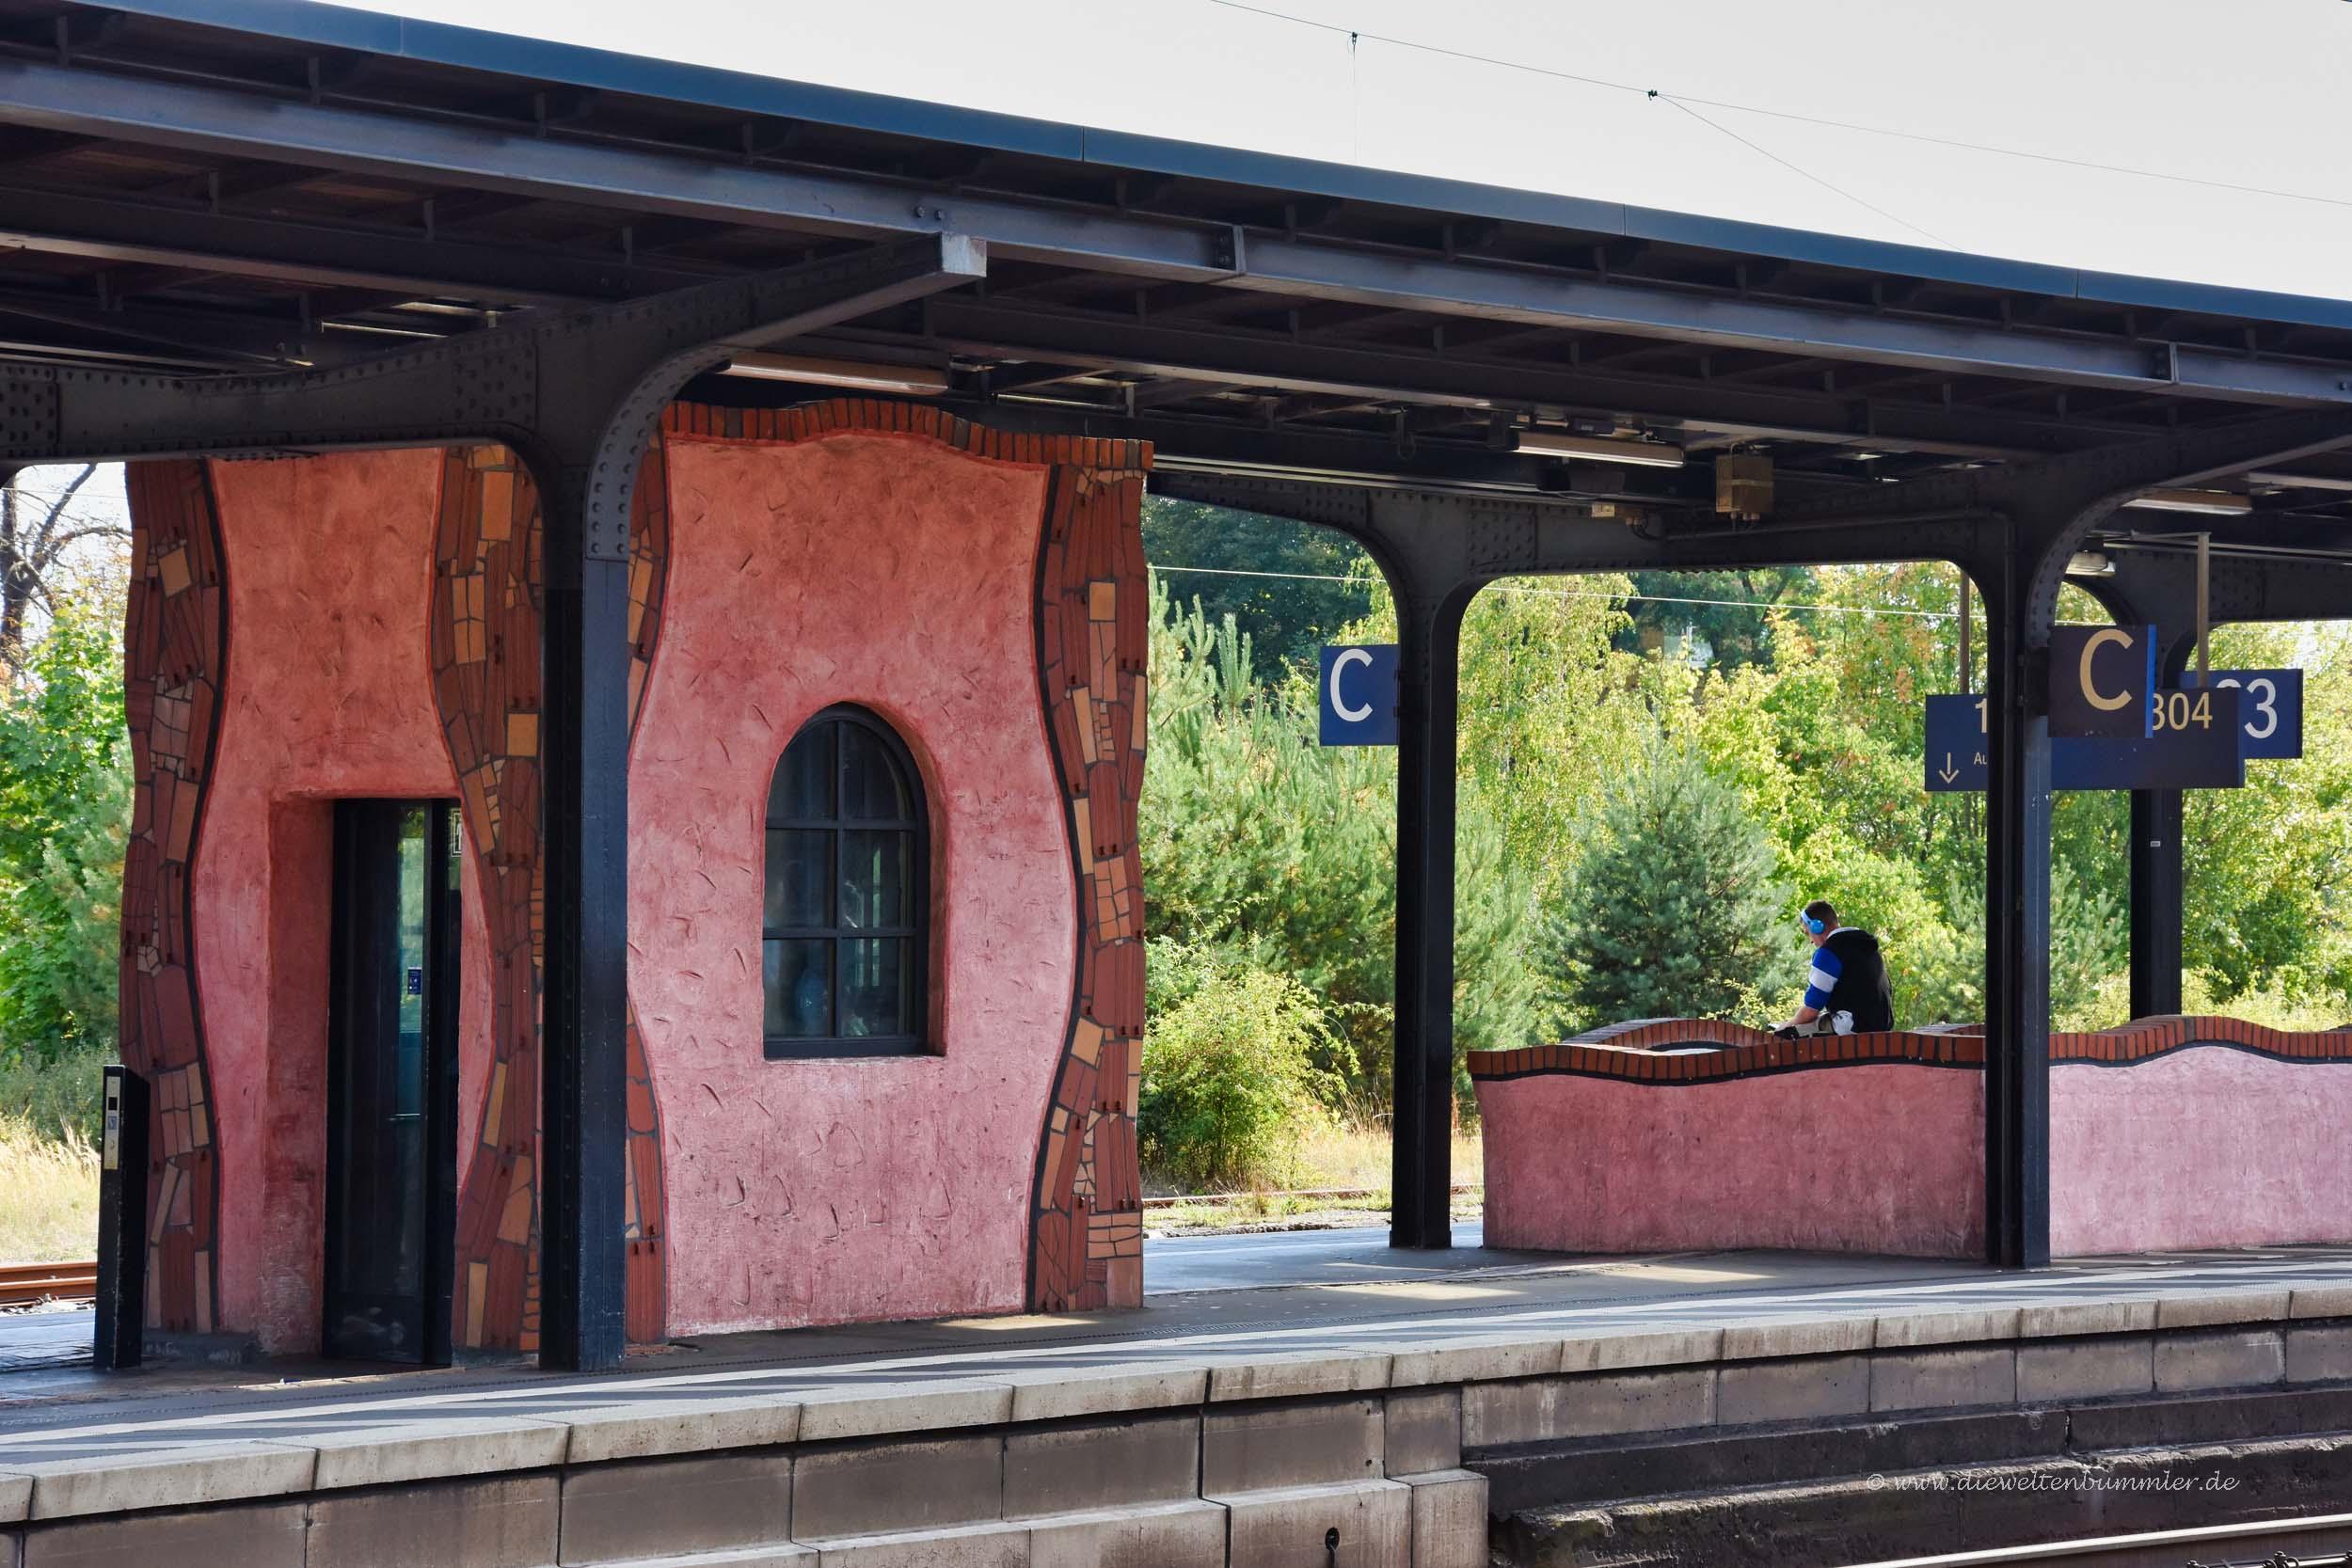 Bahnsteig vom Uelzener Bahnnhof